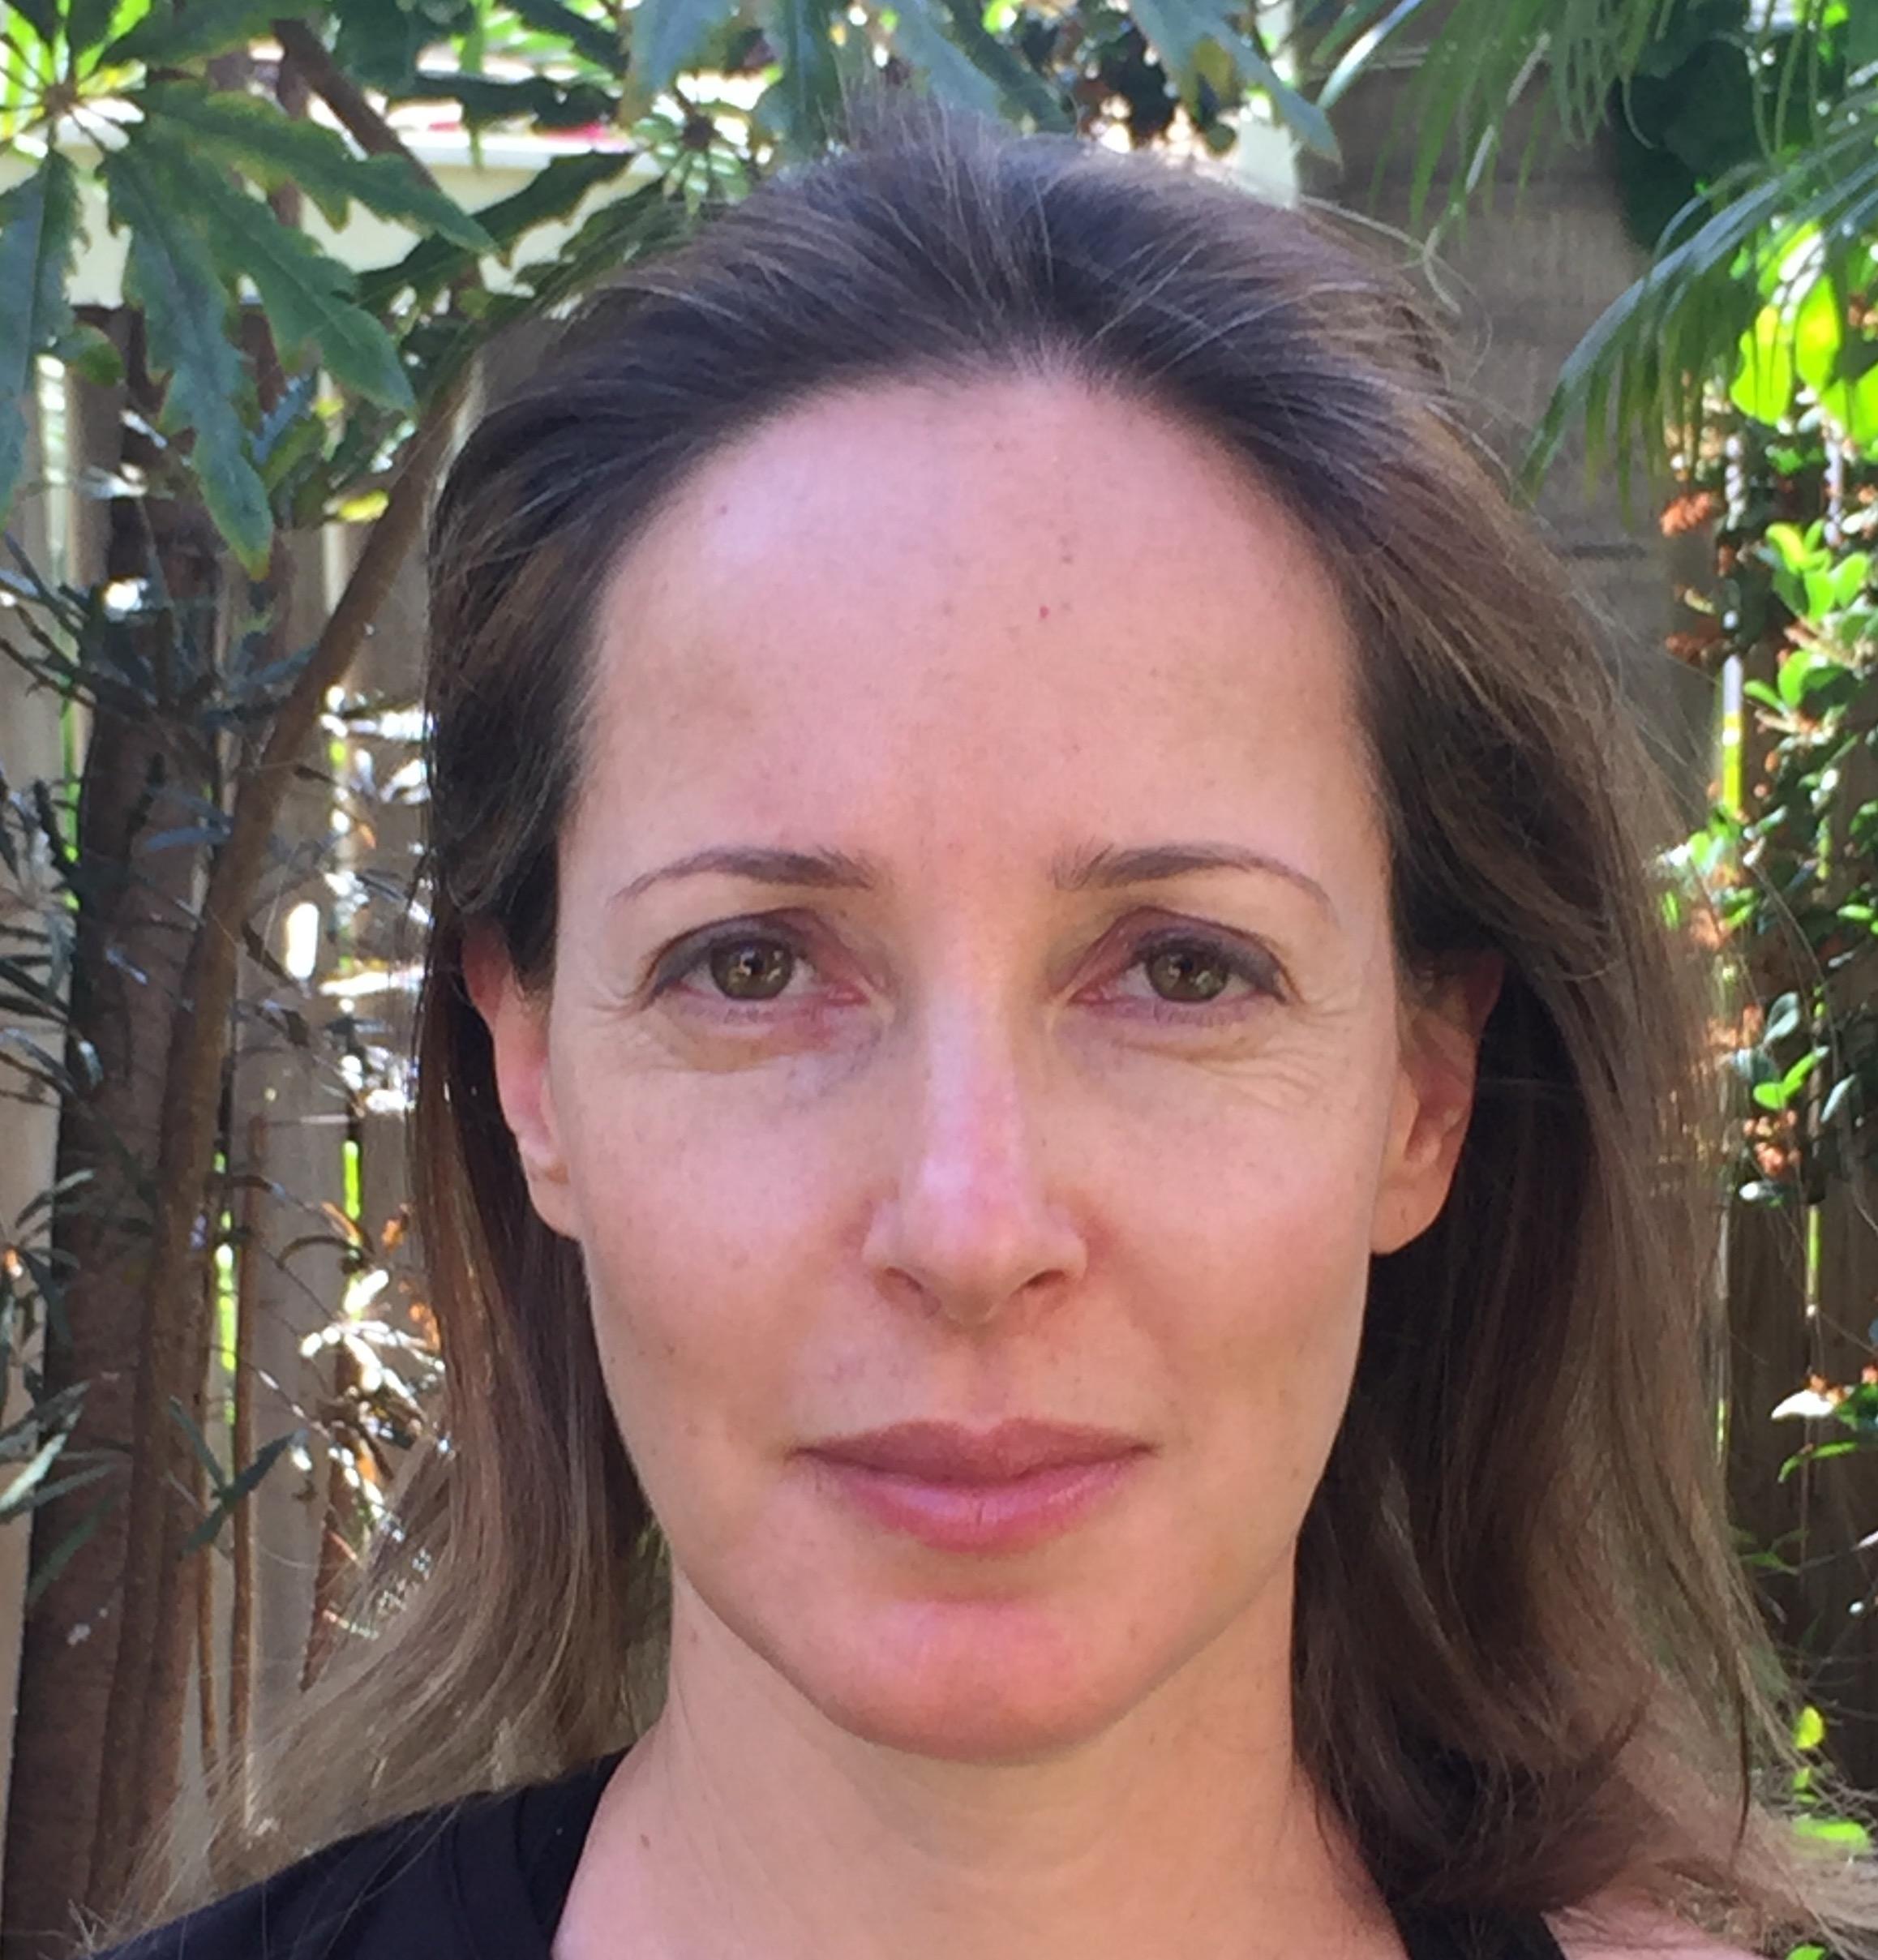 אירית מילר - פסיכולוגית קלינית בתל-אביב